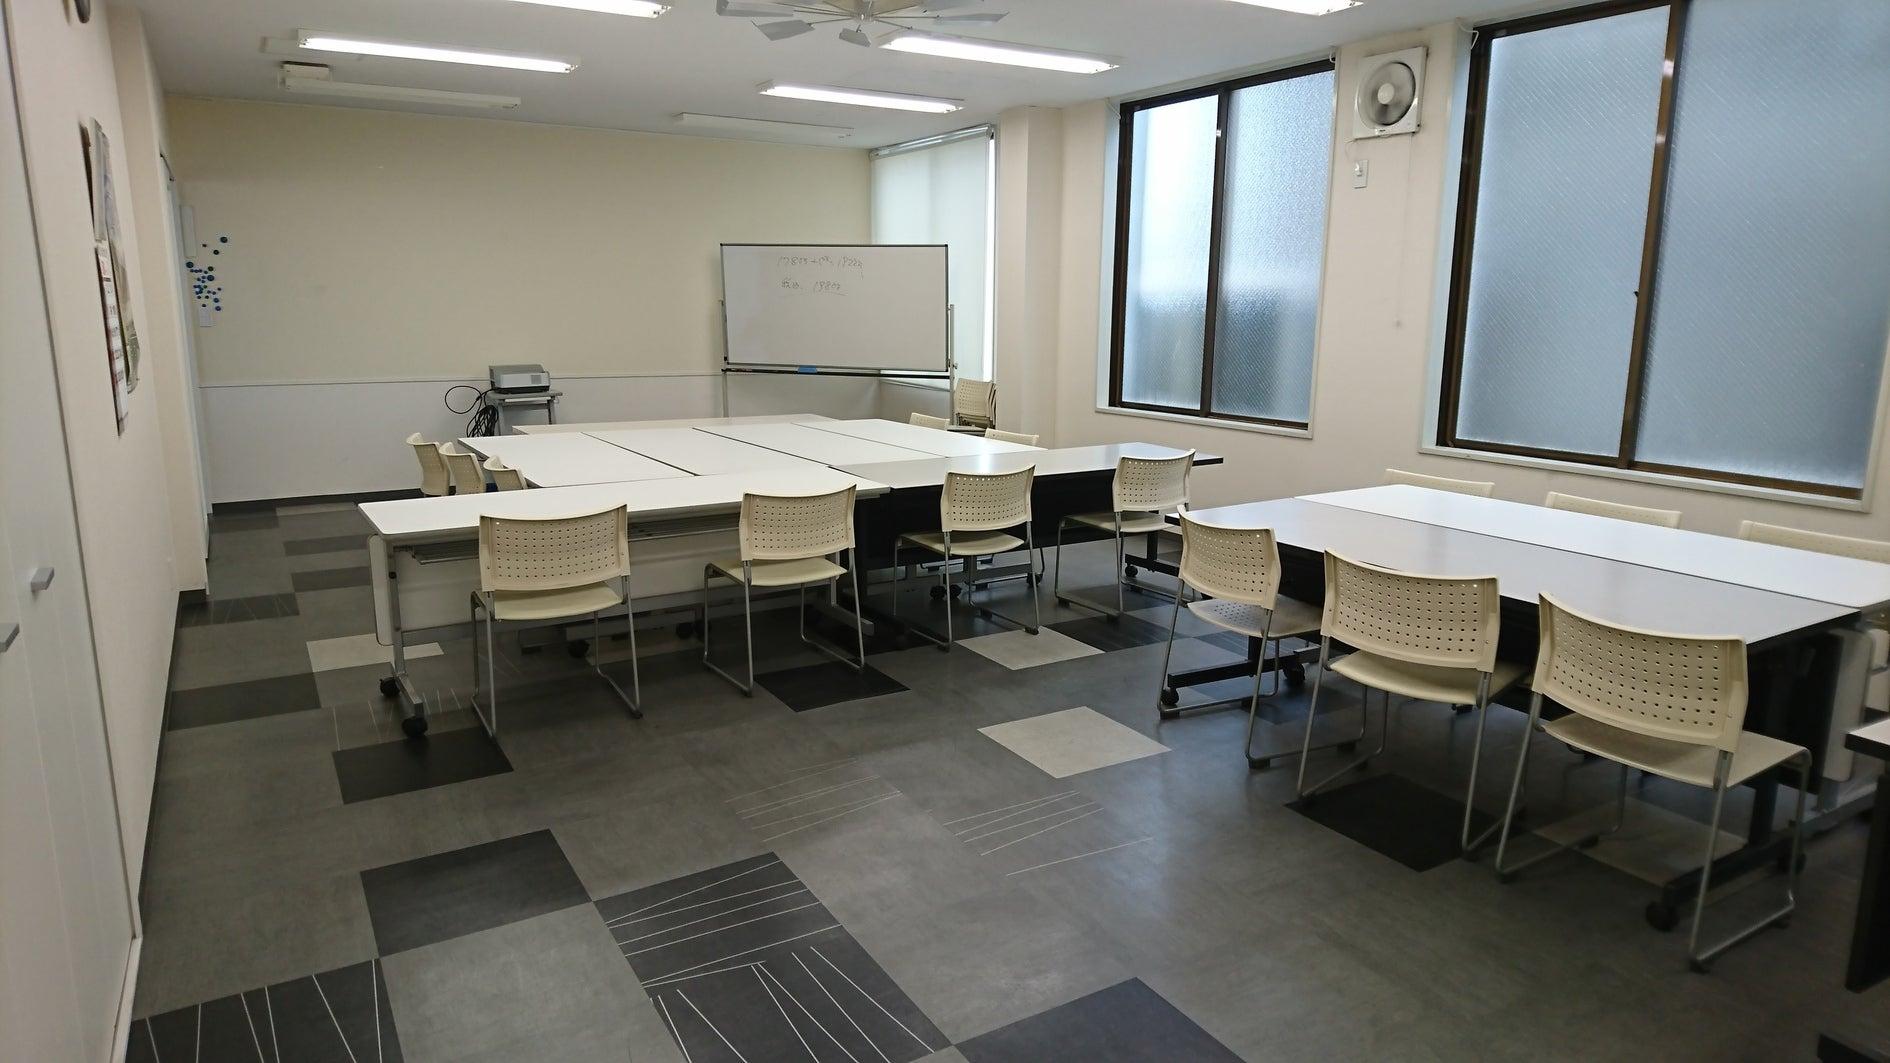 貸し会議室スクール30名収容、その他用途OK(要相談) の写真